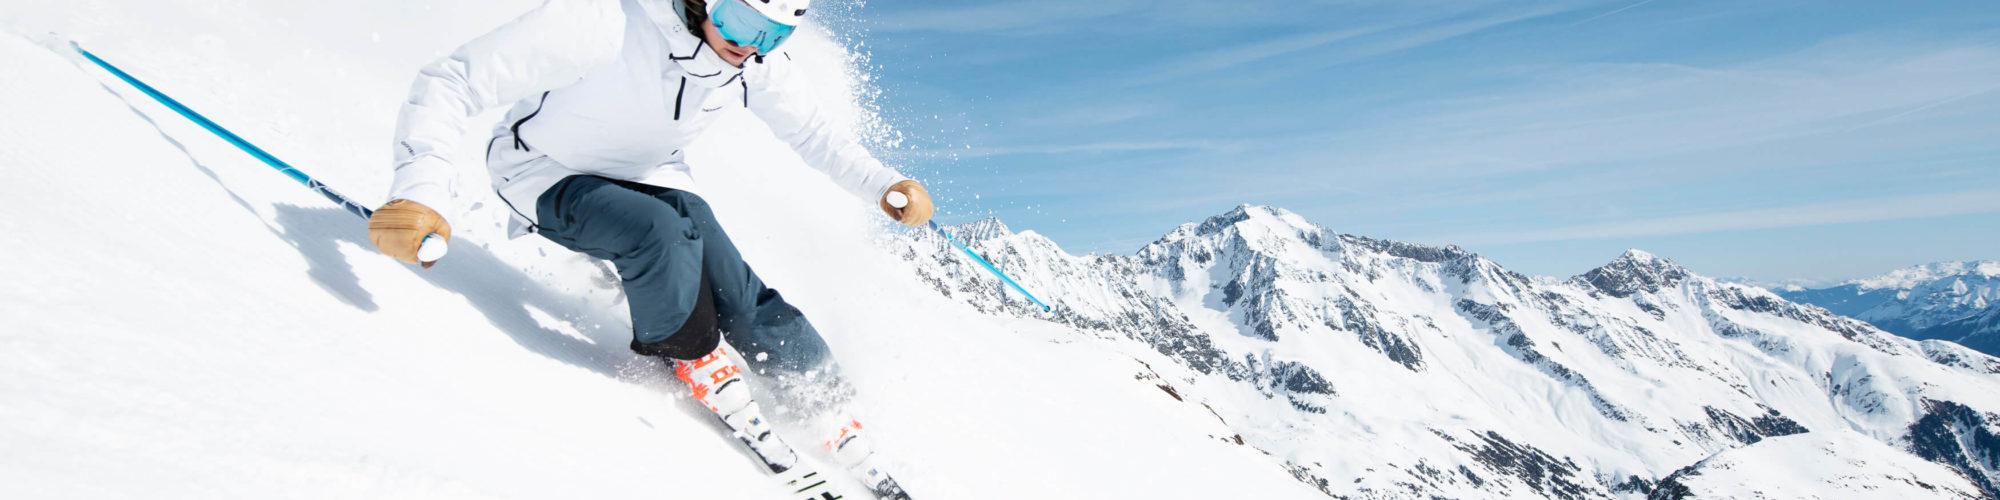 5 bonnes raisons de venir skier en Autriche, dans le Tyrol !